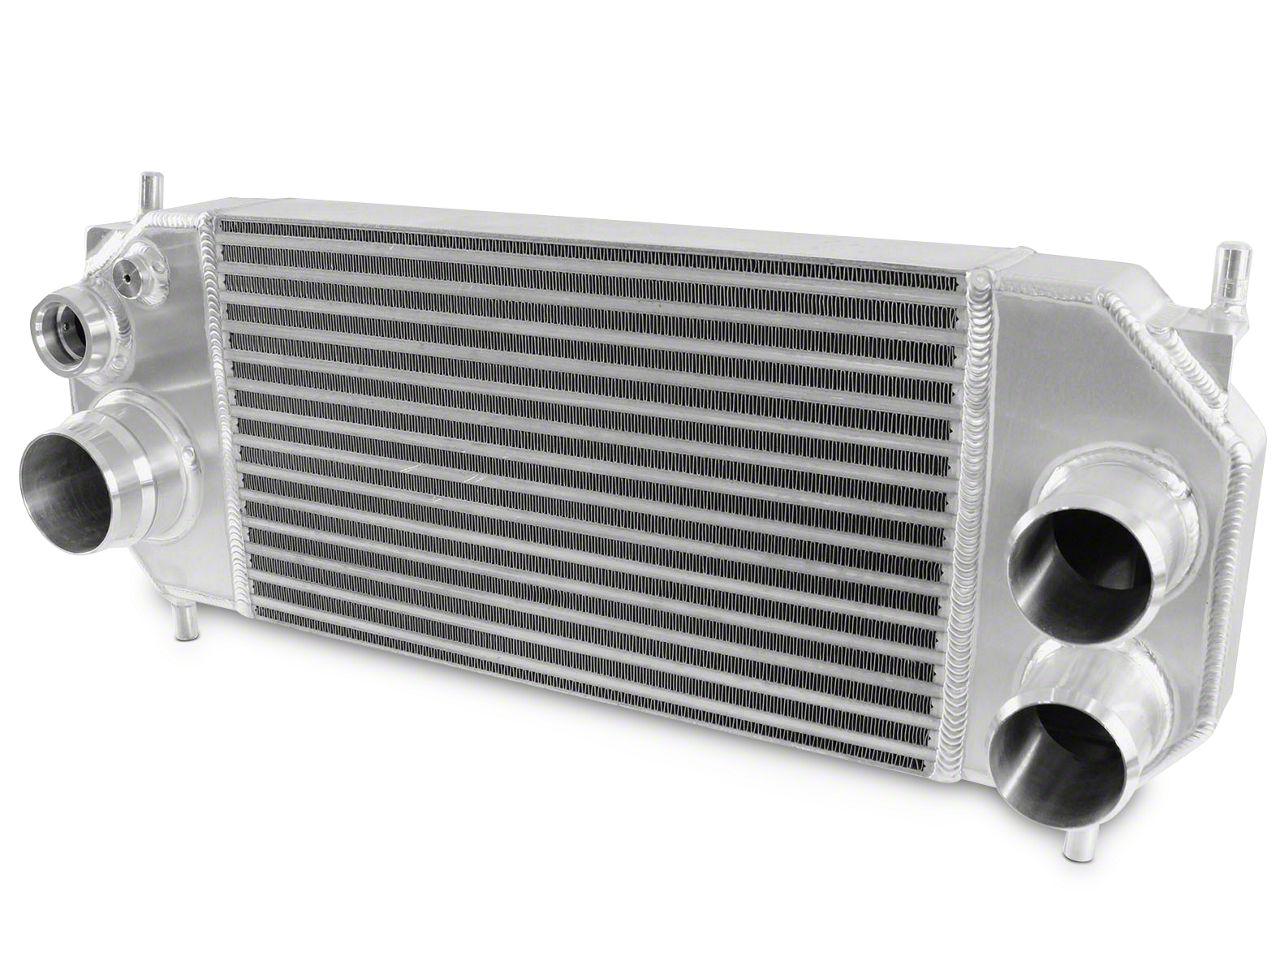 AFE BladeRunner GT Series Intercooler (15-17 2.7L EcoBoost F-150; 15-16 3.5L EcoBoost F-150)